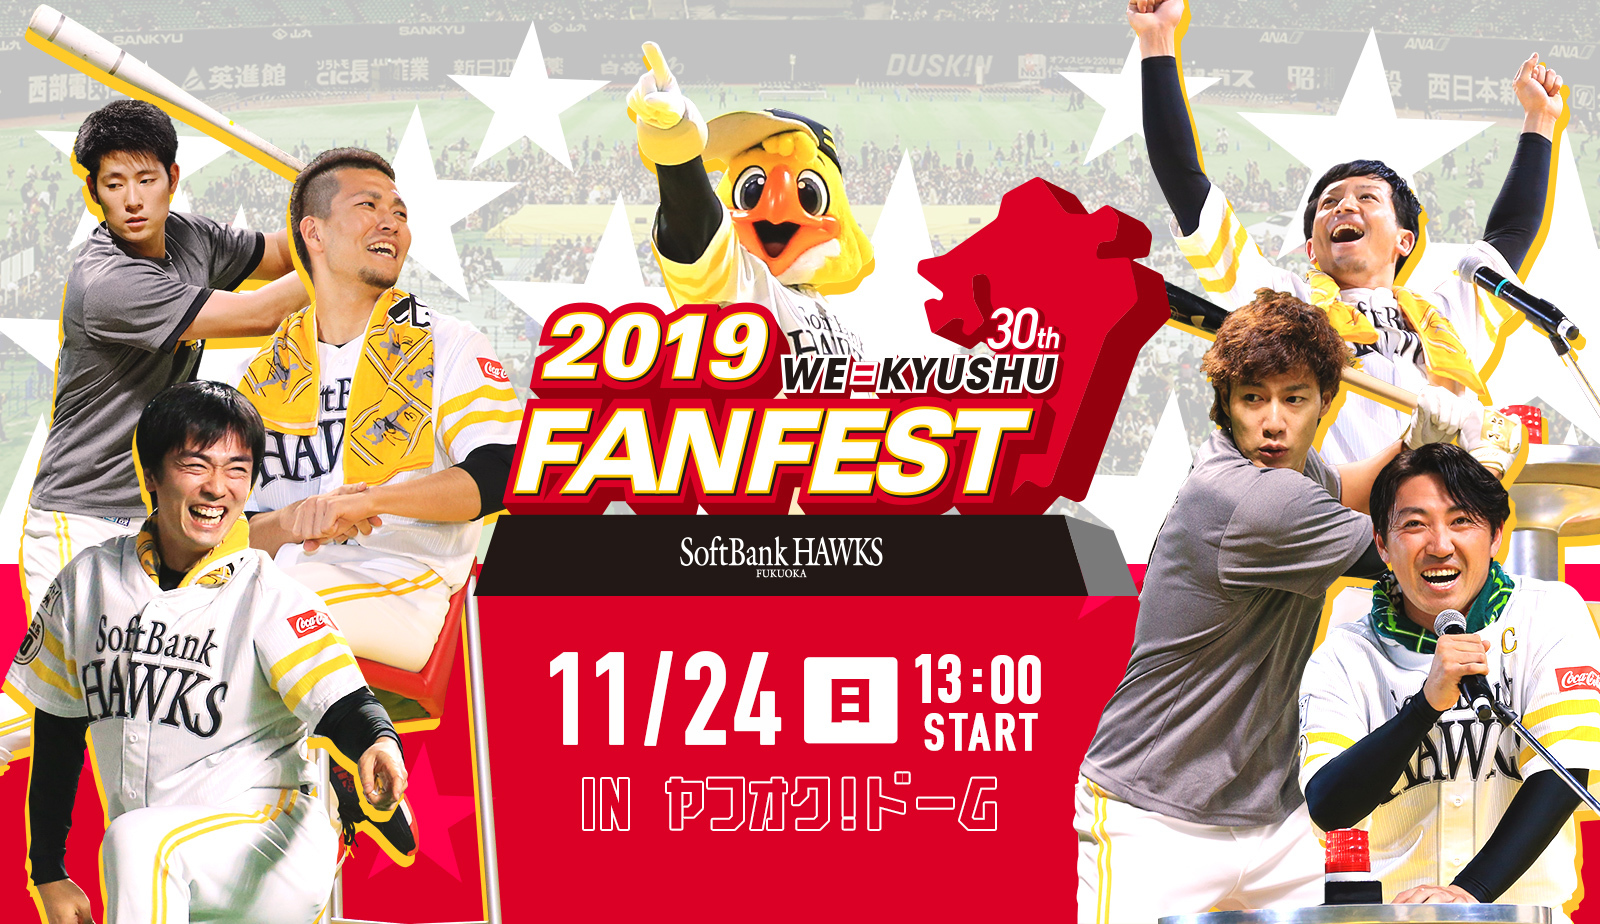 11月24日(日)に福岡ヤフオク!ドーム(福岡県)で『ファンフェスティバル2019』が開催される